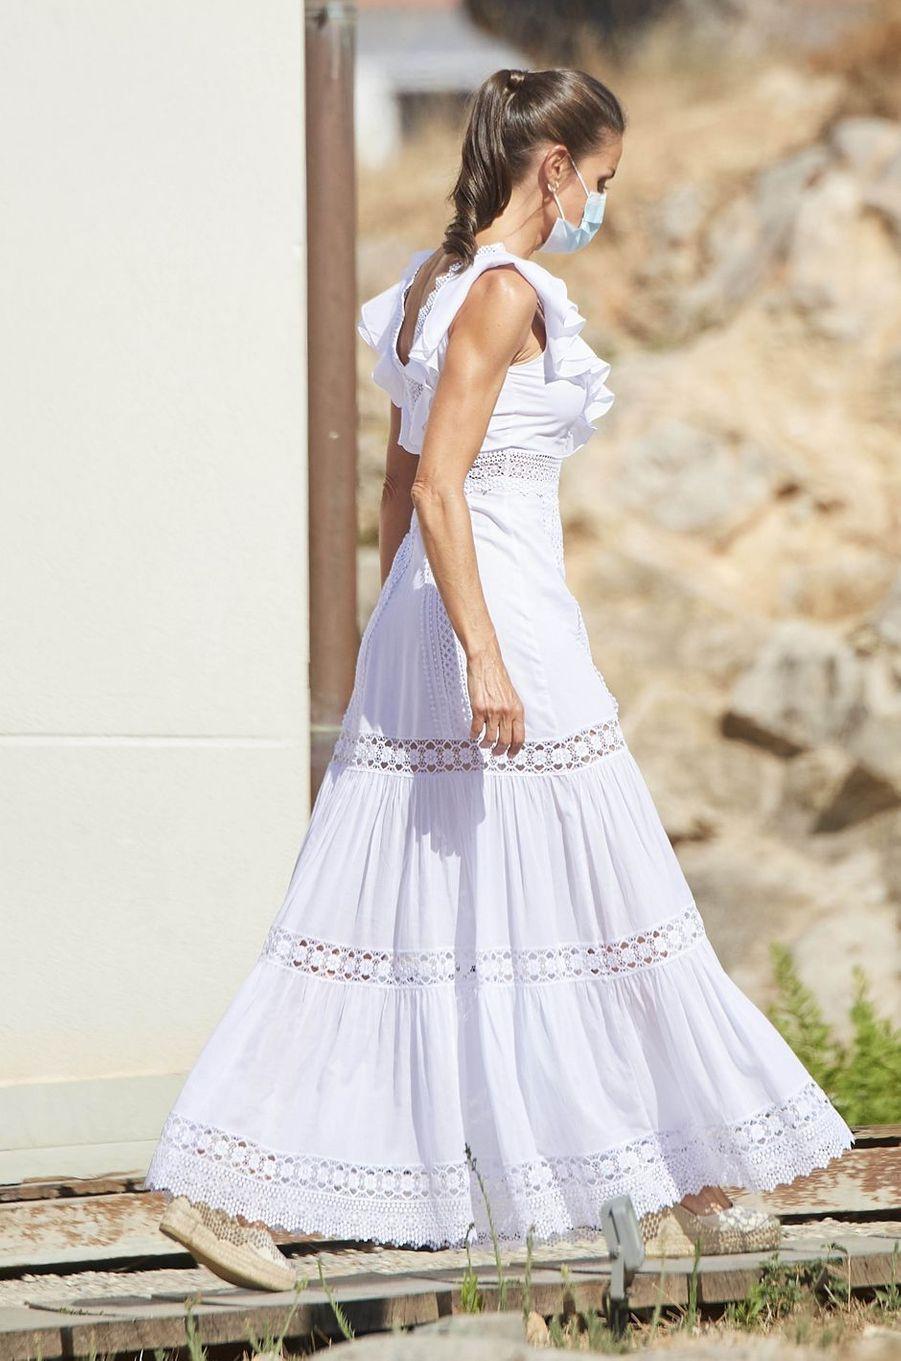 La reine Letizia d'Espagne sur l'île d'Ibiza, le 17 août 2020